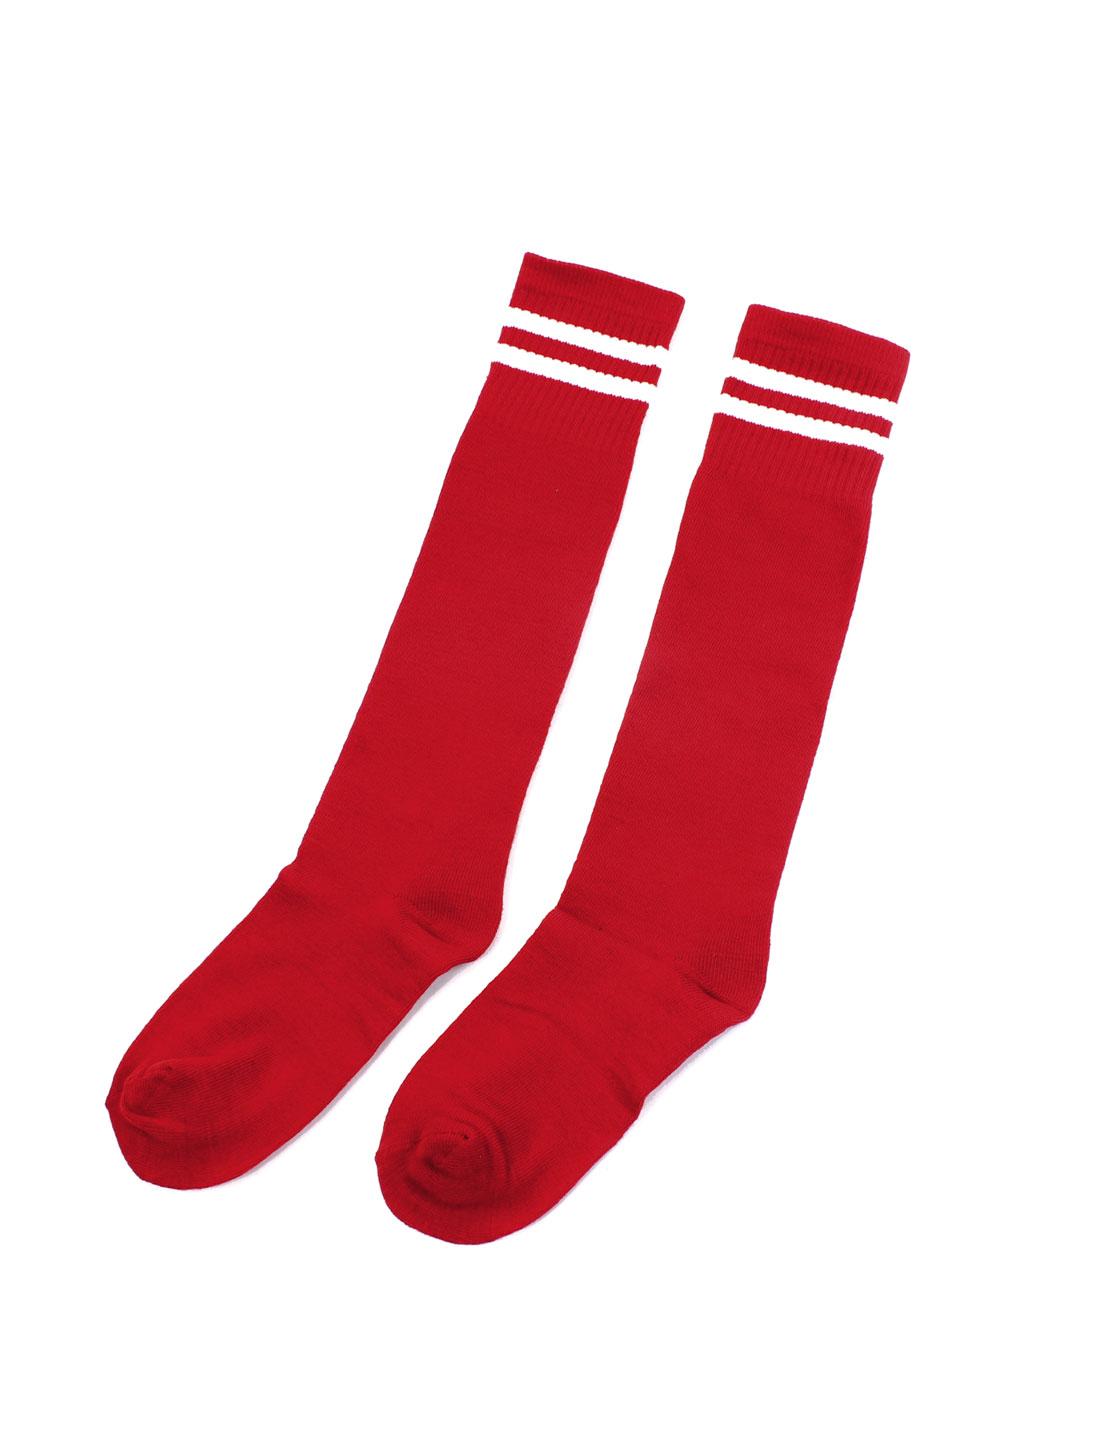 Men Women Football Soccer Baseball Basketball Stockings Ankle Socks Red Pair